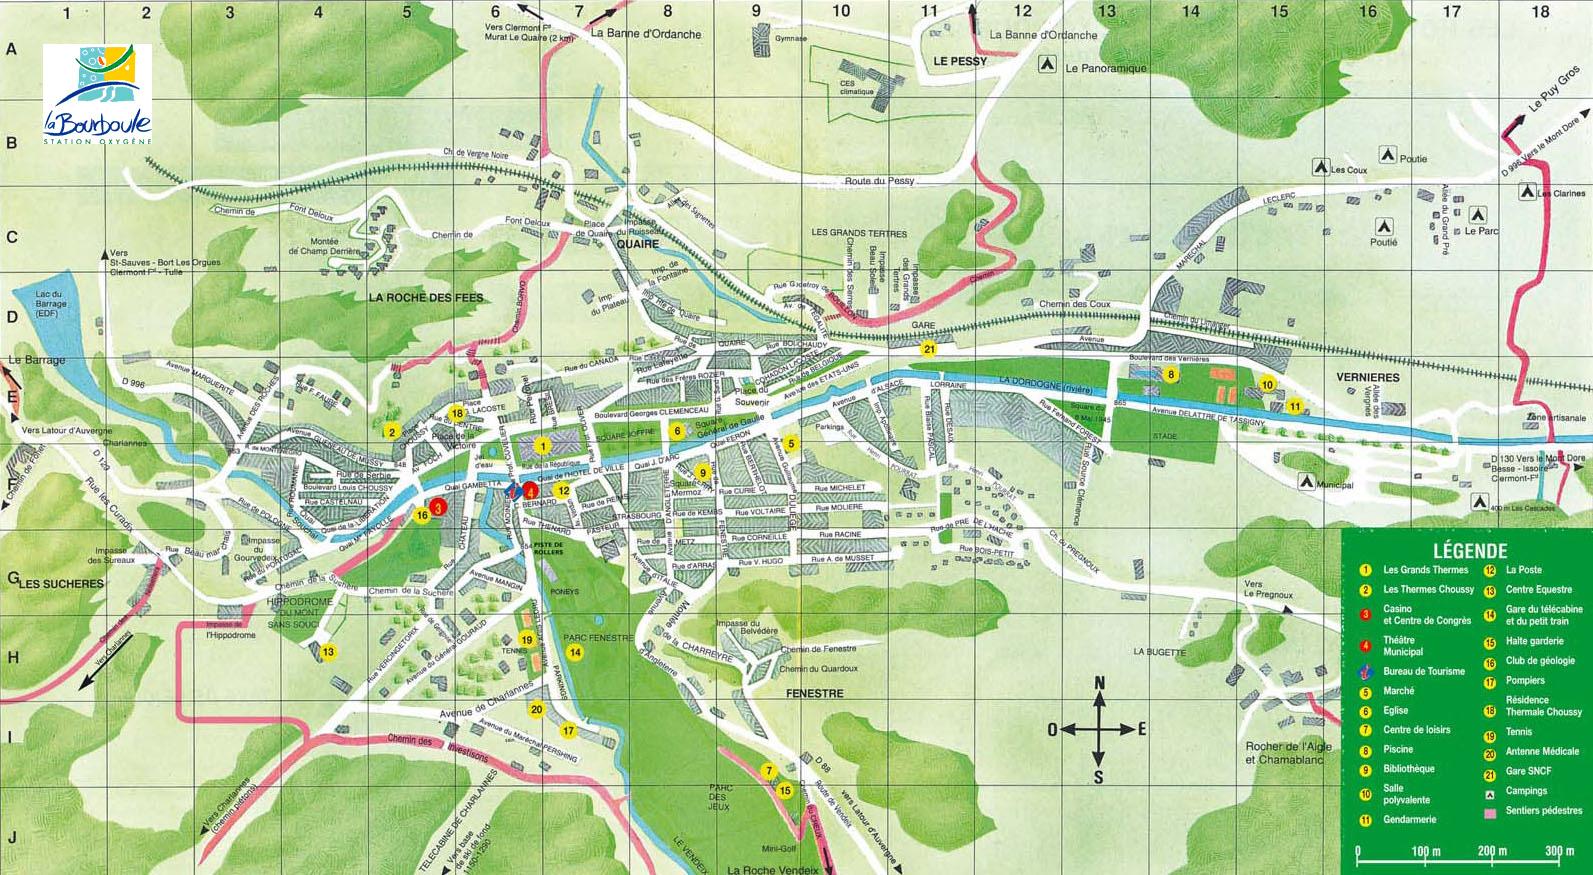 Plan d'accès La Bourboule